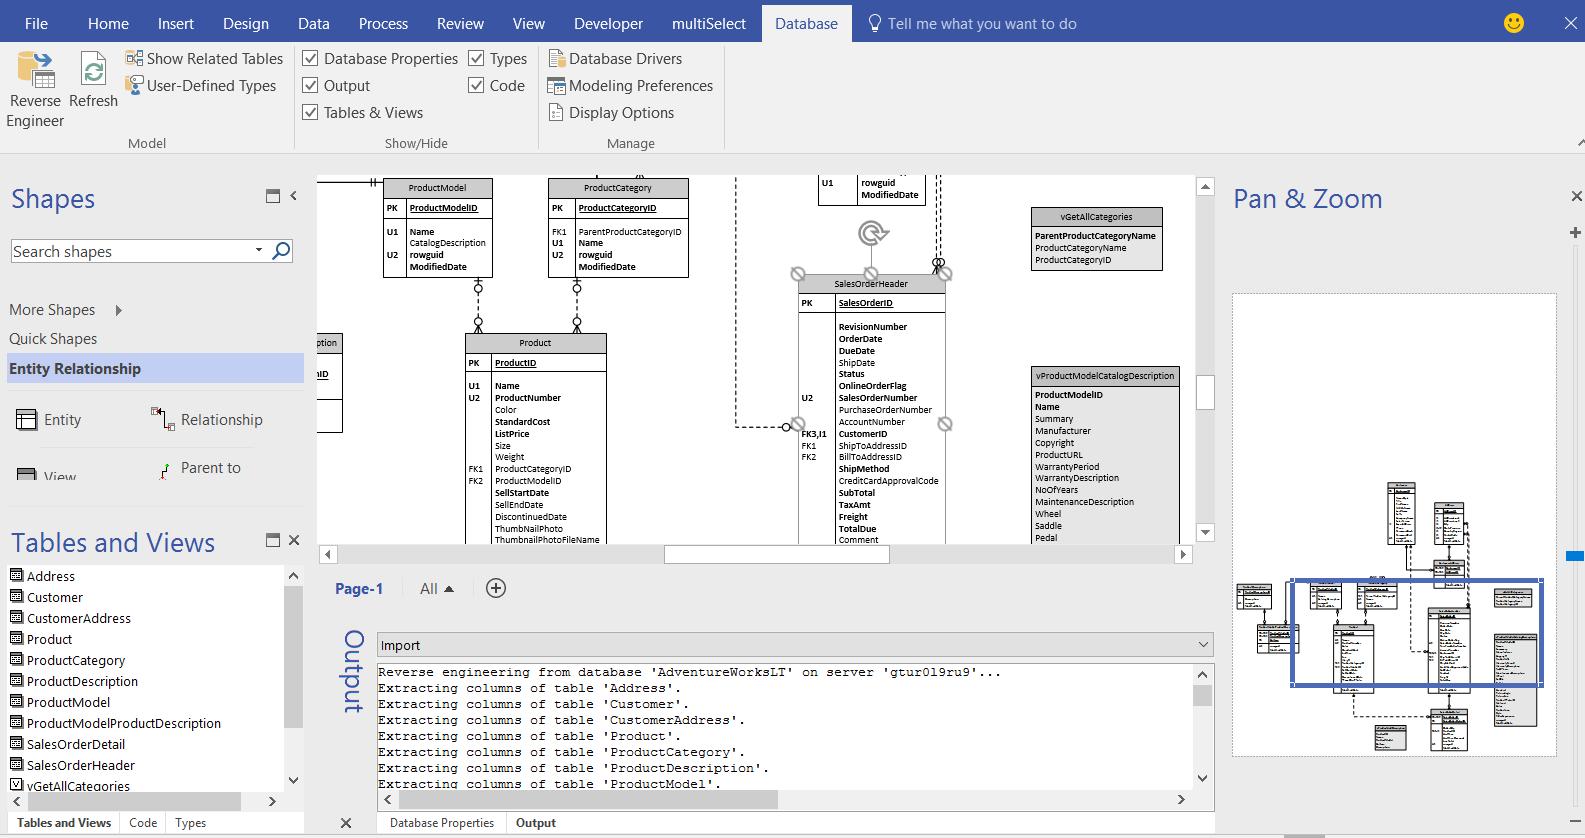 Database Reverse Engineering For Visio Pro | Orbus Visio Blog regarding Entity Relationship Diagram Visio 2016